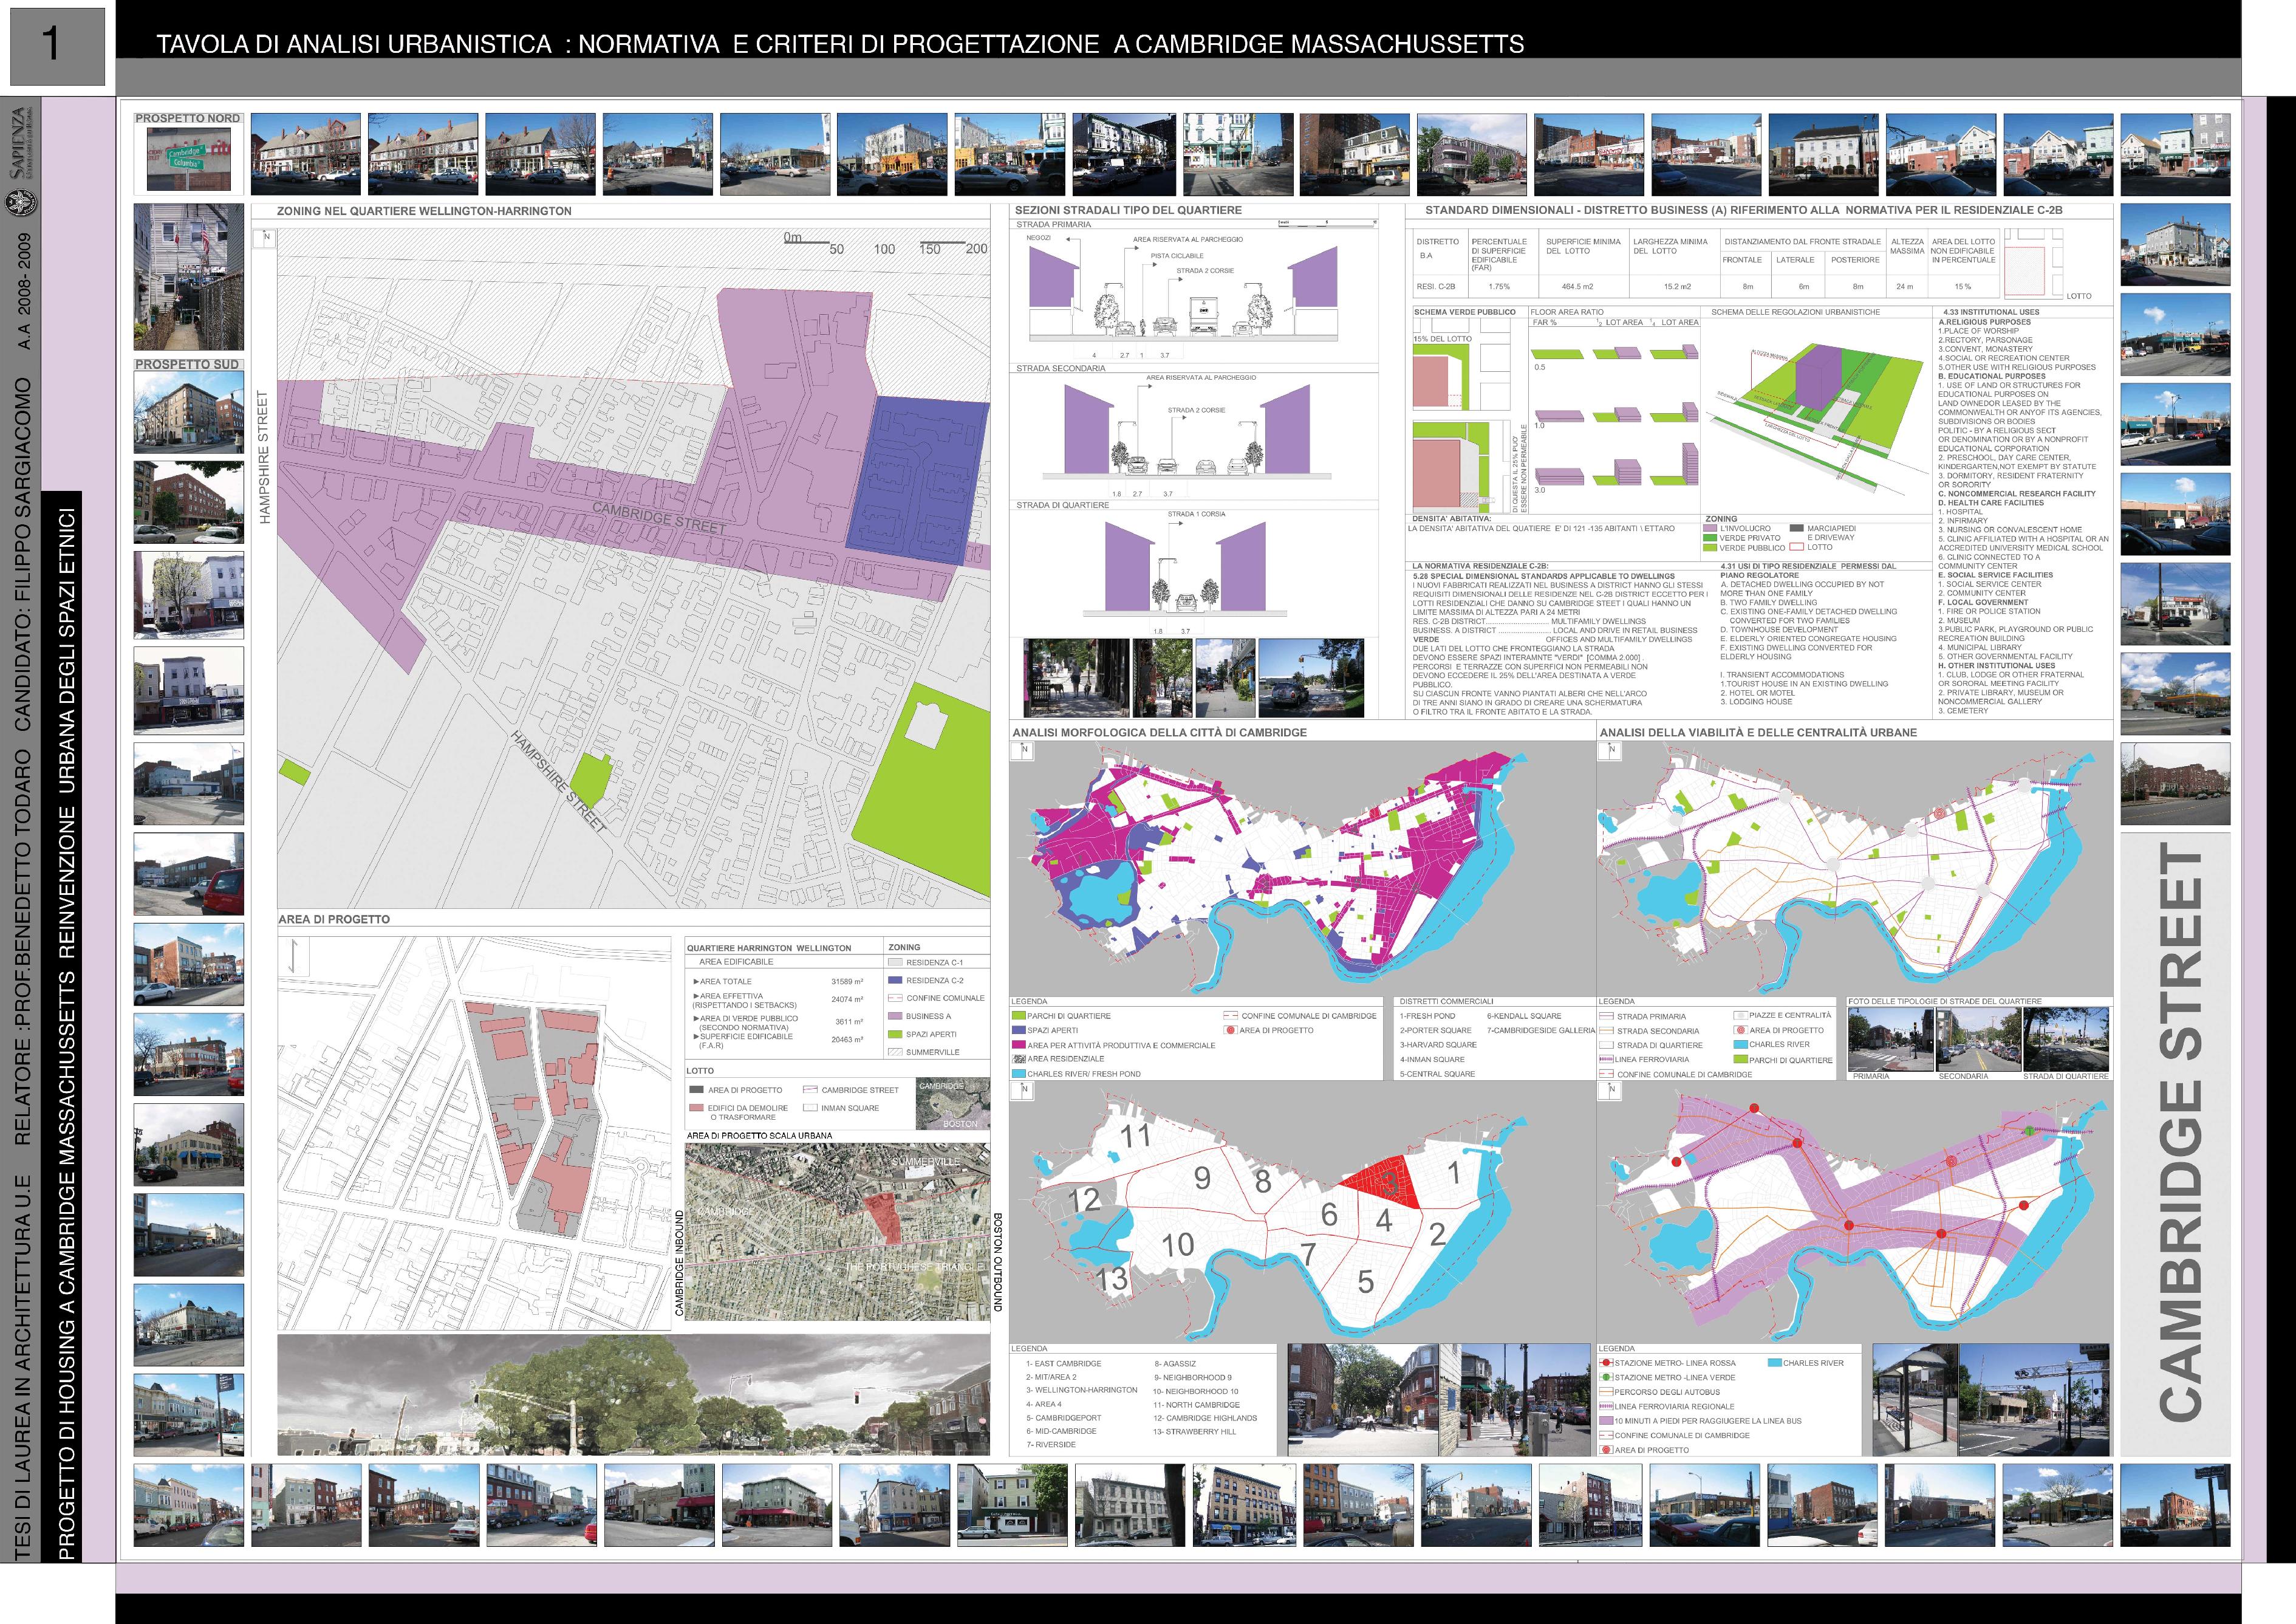 Anteprima della tesi: Progetto di Housing a Cambridge Massachusetts: Reinvenzione Urbana degli Spazi Etnici, Pagina 1